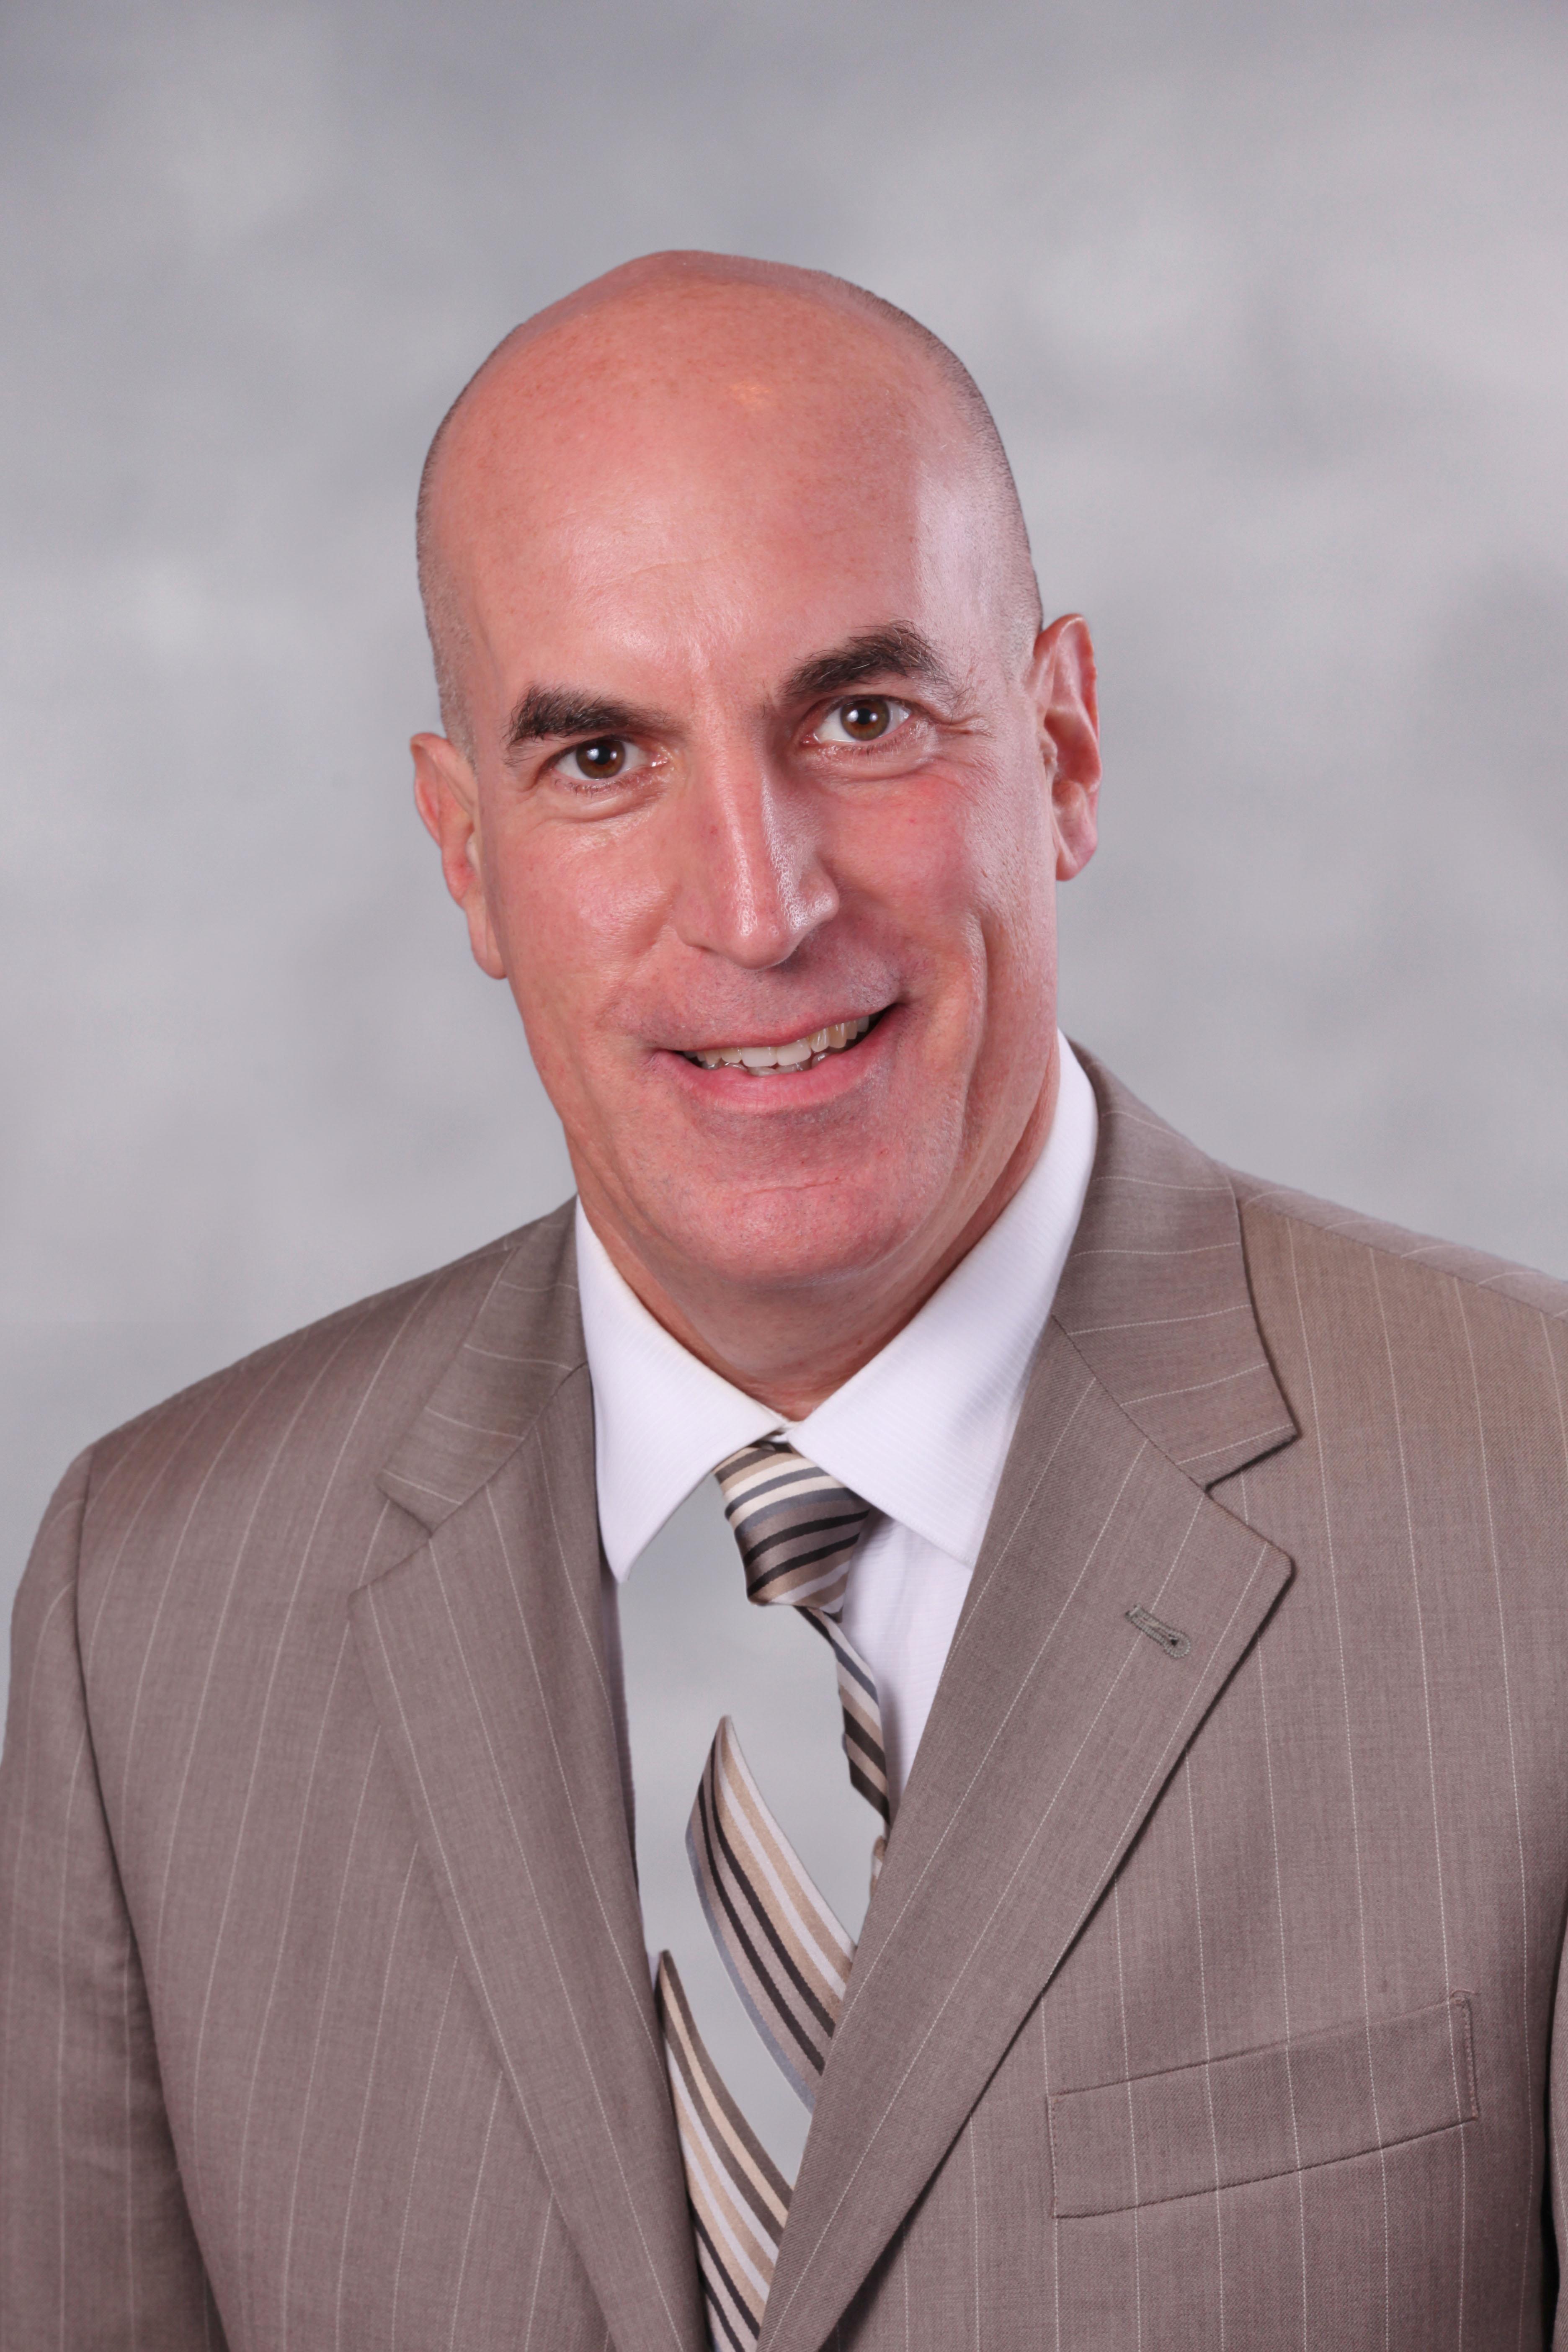 Joseph Fisch, MD, FACS - Urologist